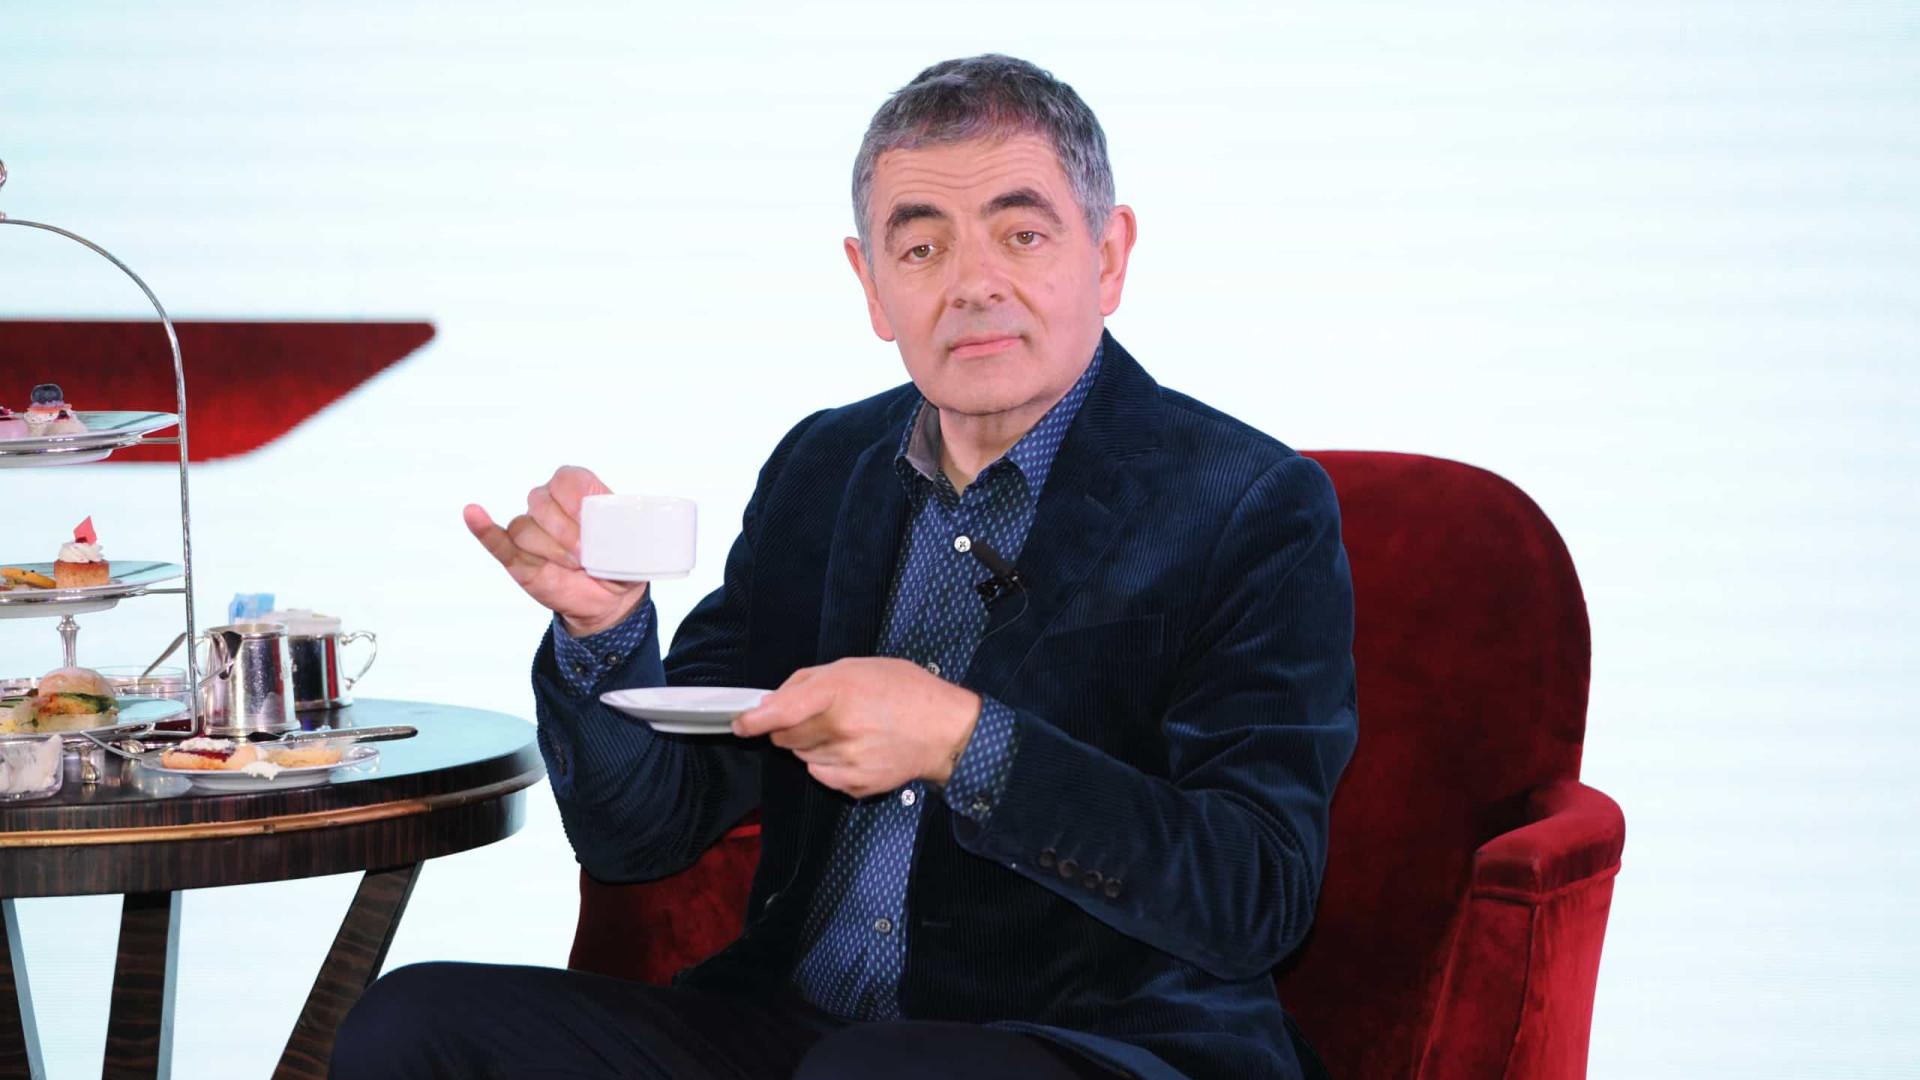 Rowan Atkinson diz que interpretar Mr. Bean não é agradável e fala em aposentadoria